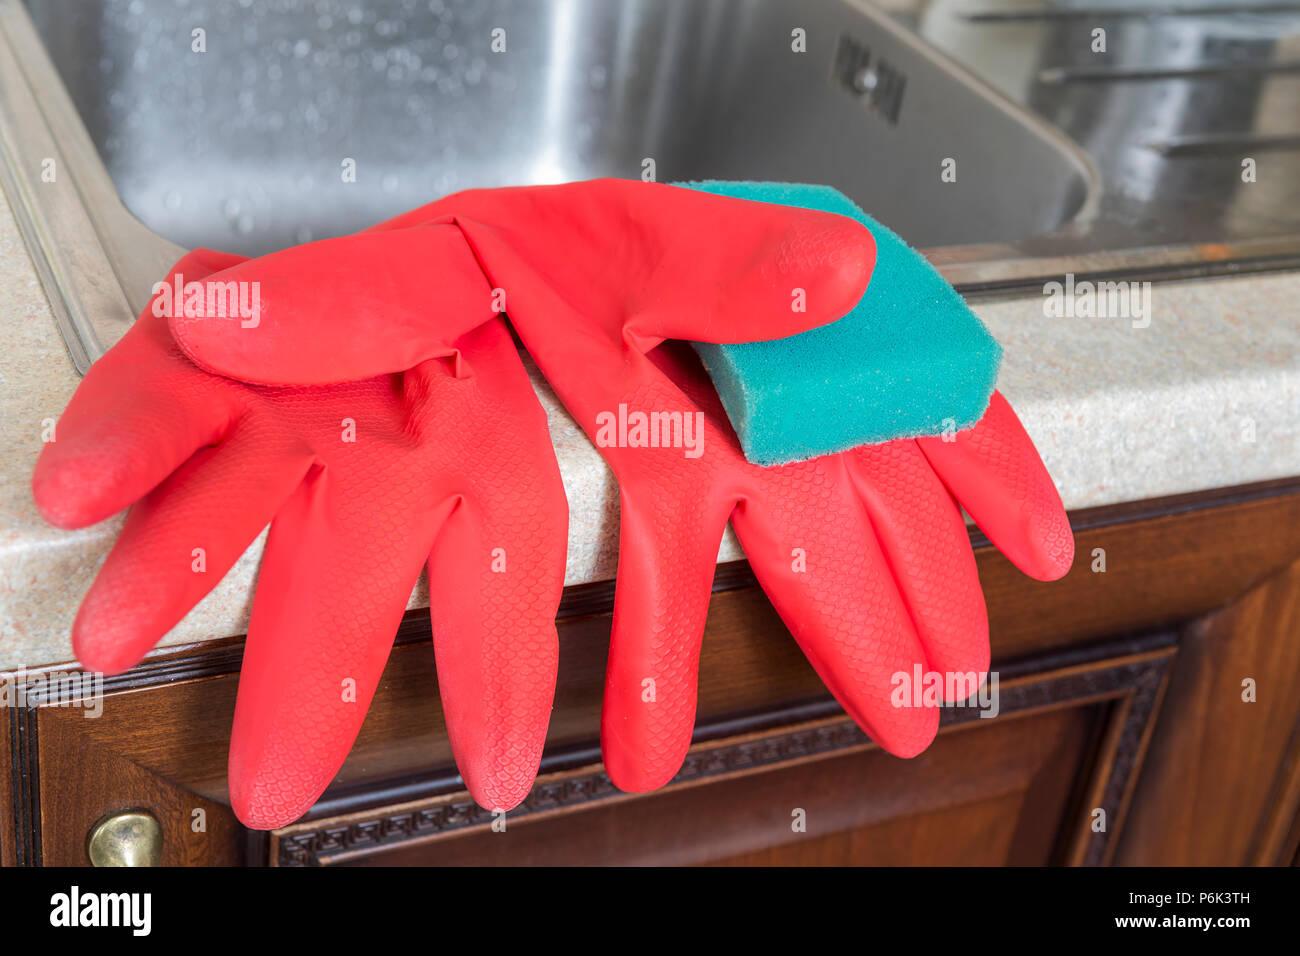 Protezione delle mani: rosso lattice Guanti per la casa e la detersione di spugna. Foto Stock